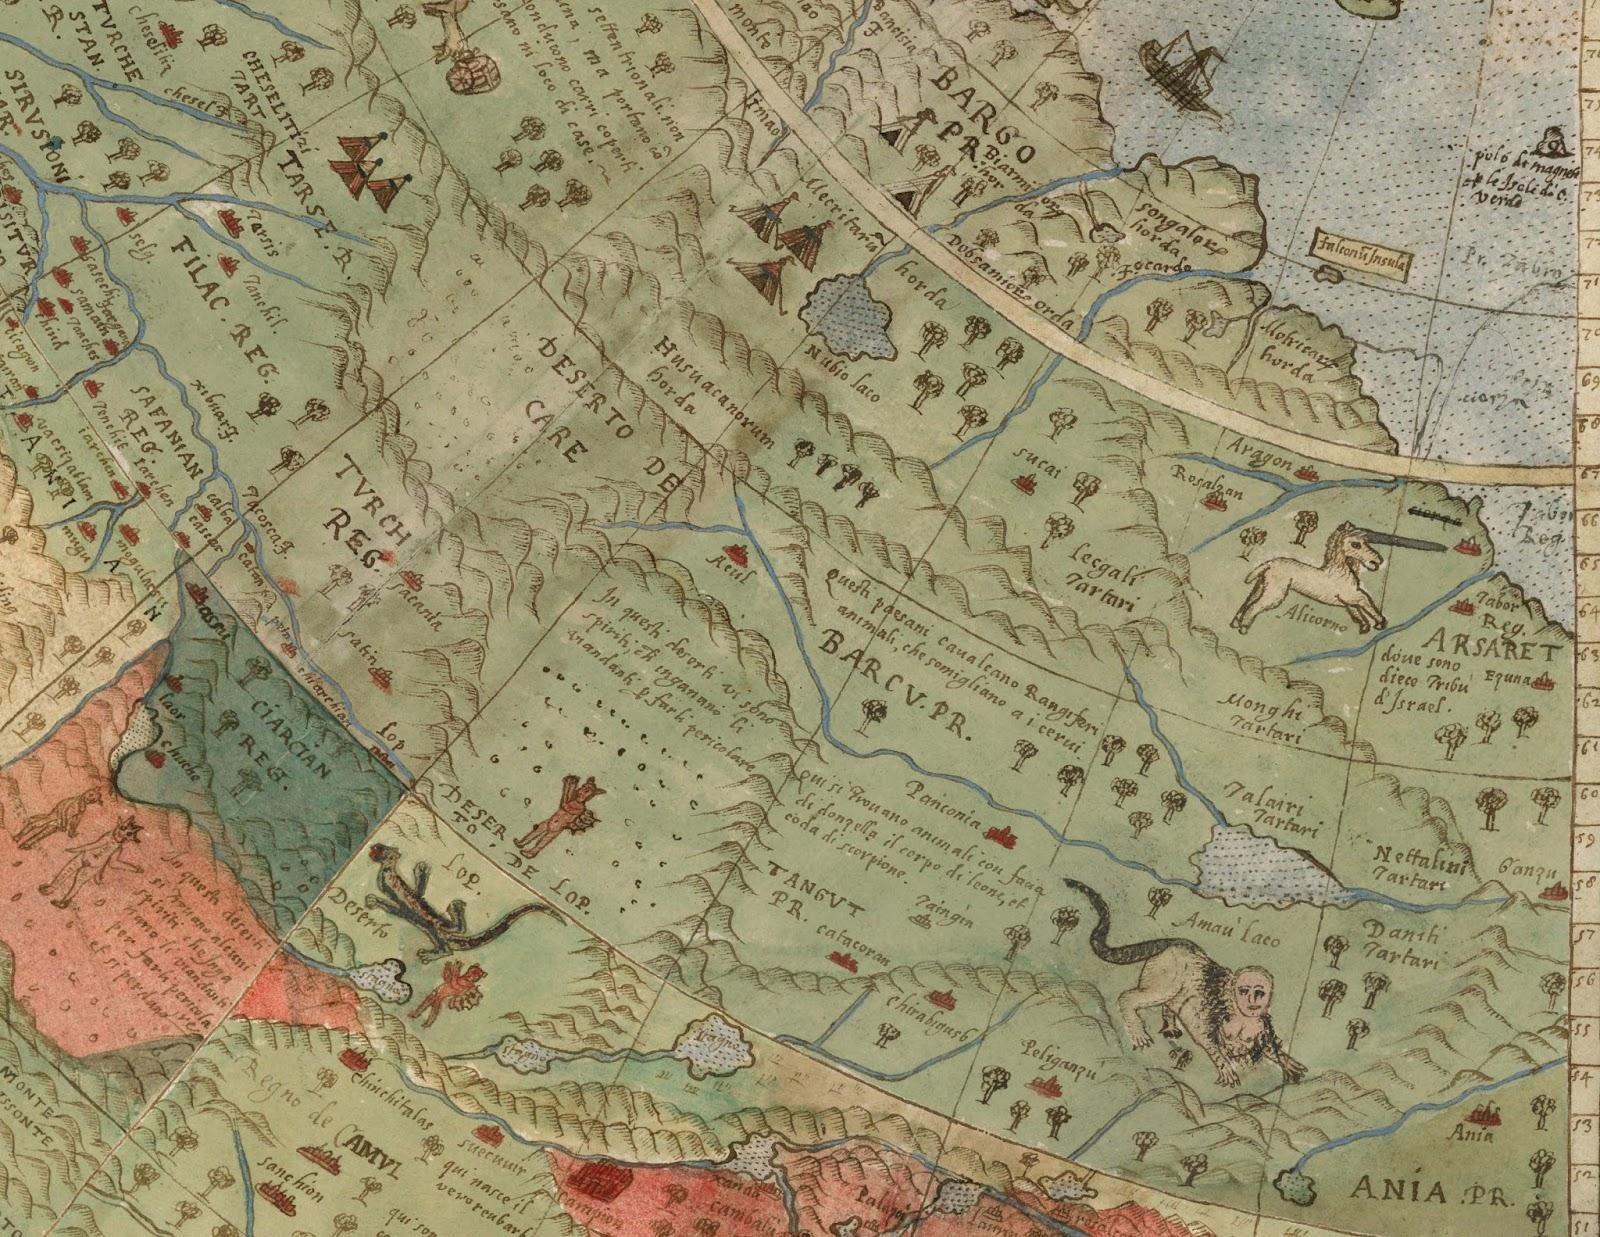 O mapa é enriquecido com detalhes incríveis